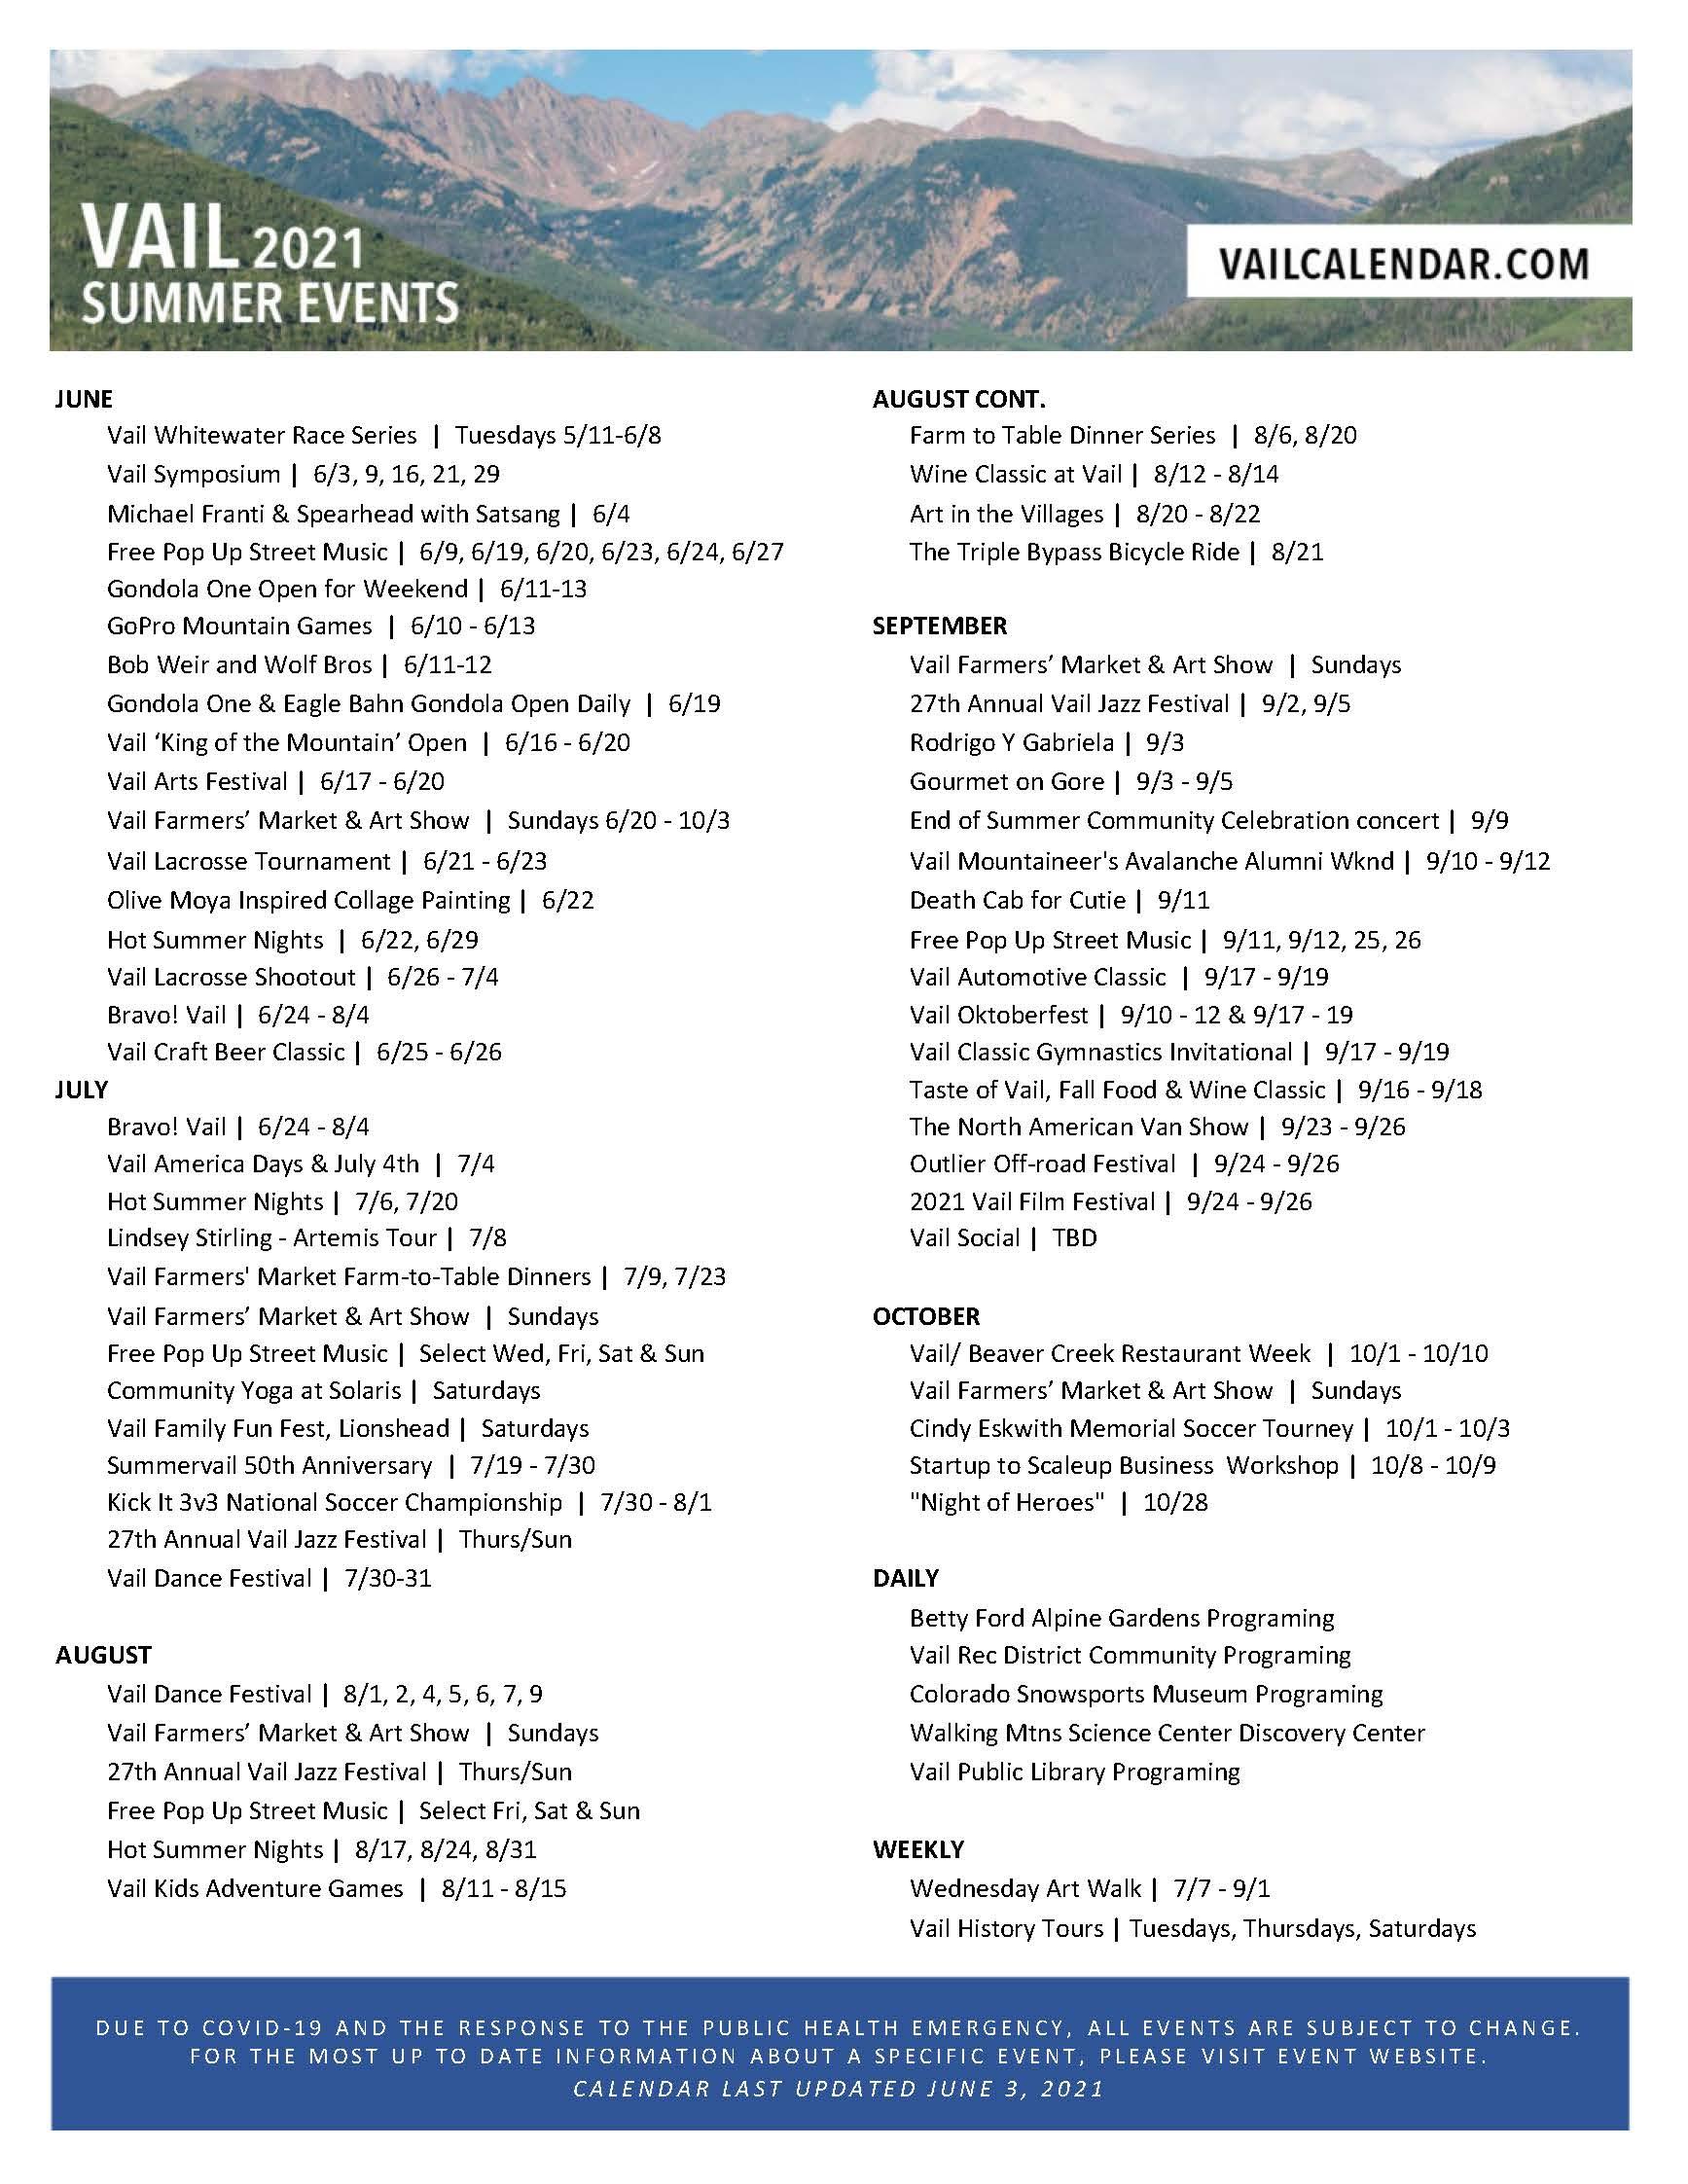 2021 Summer Event Calendar 6.3.21